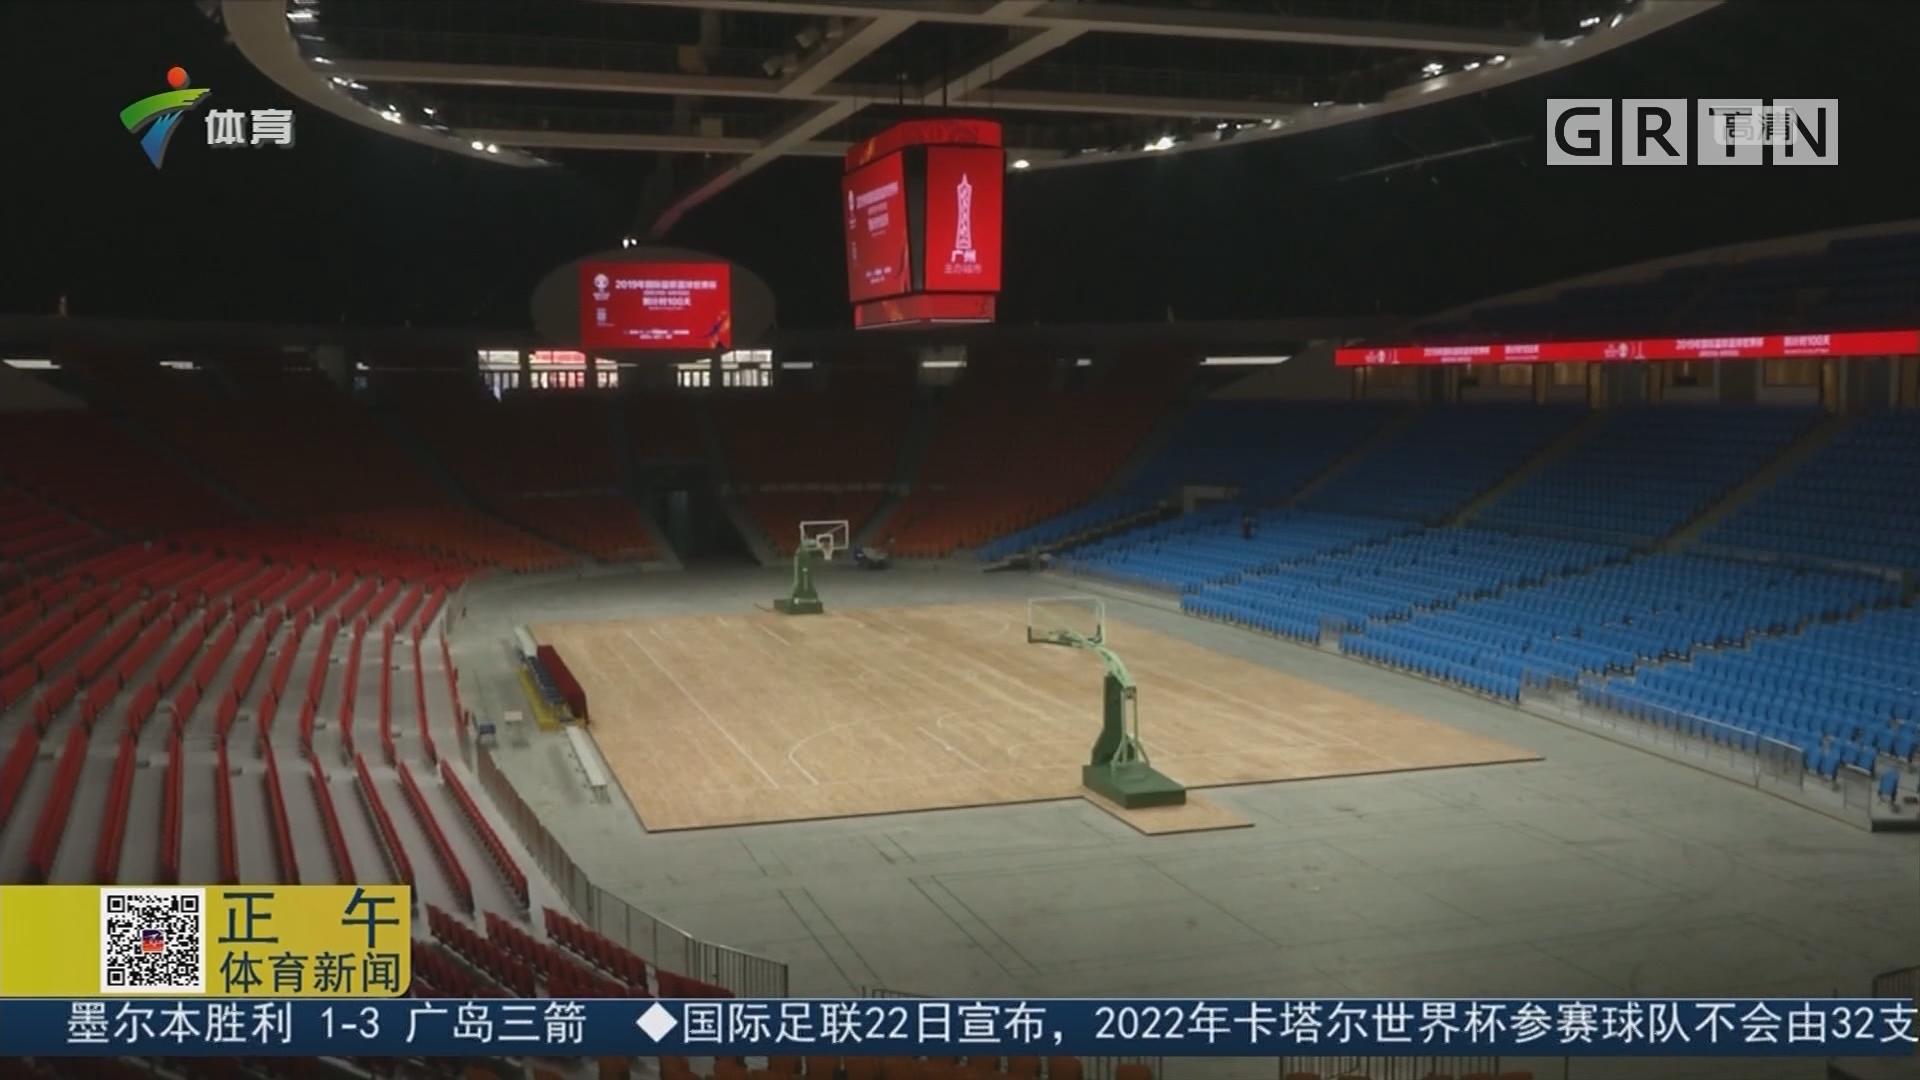 篮球世界杯 东莞赛区球馆完成升级改造